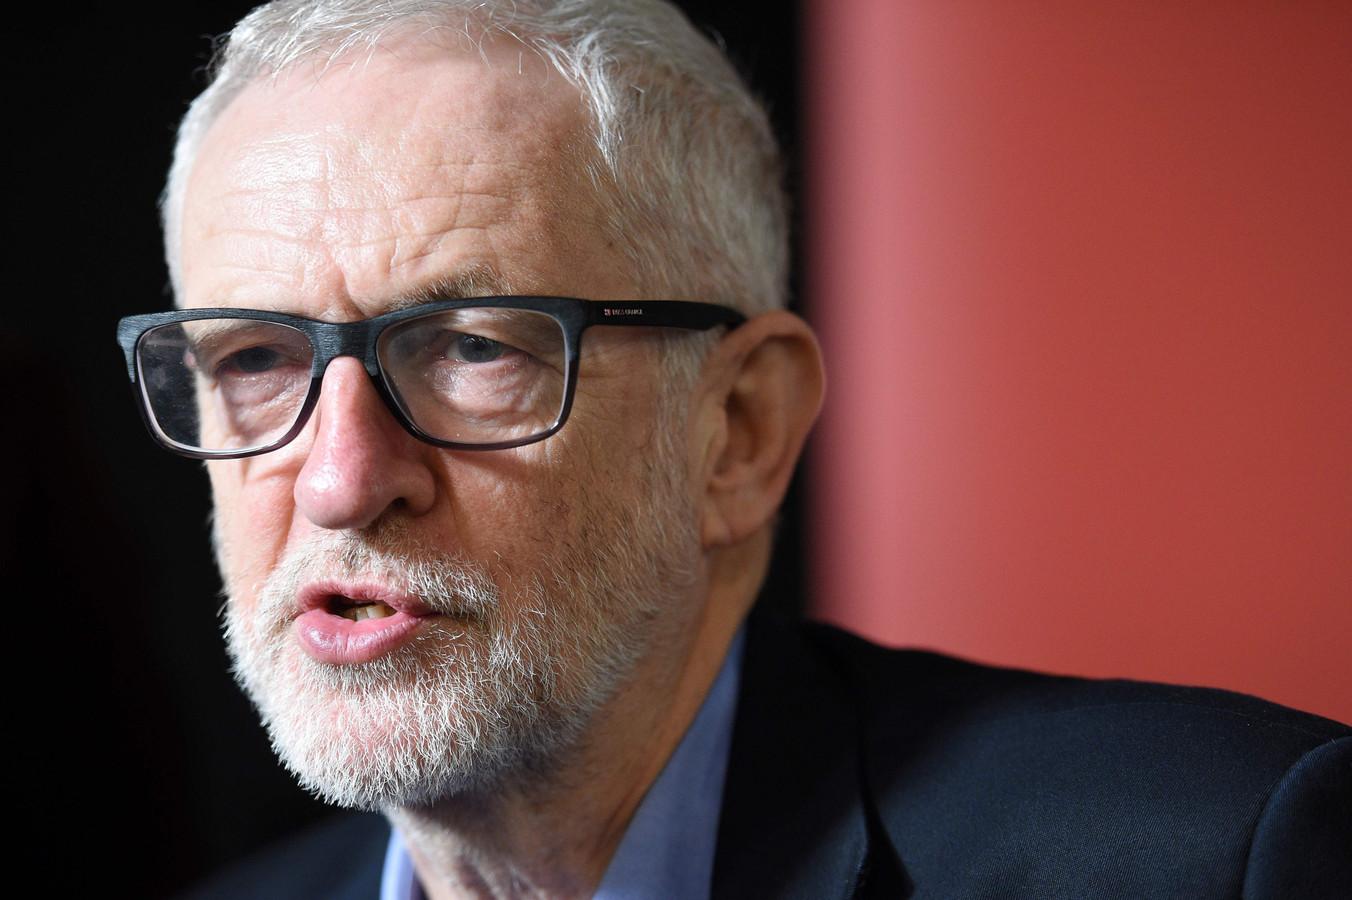 Jeremy Corbyn pakt het antisemitisme bij Labour niet voldoende aan, vindt de opperrabbijn van het Verenigd Koninkrijk.